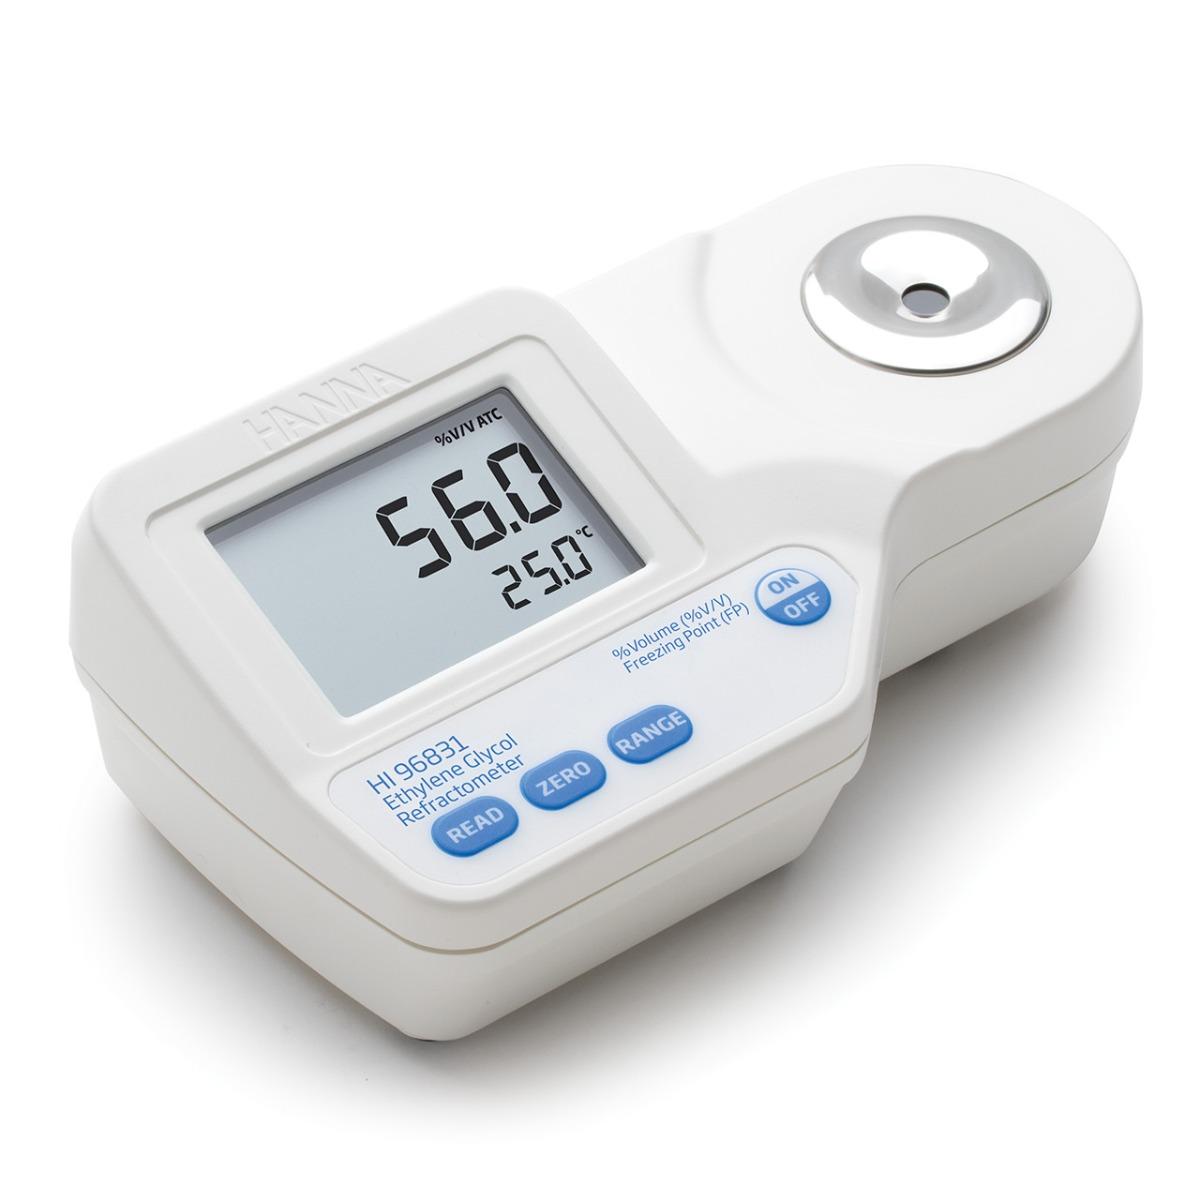 Rifrattometro digitale per analisi di glicole etilenico - HI96831